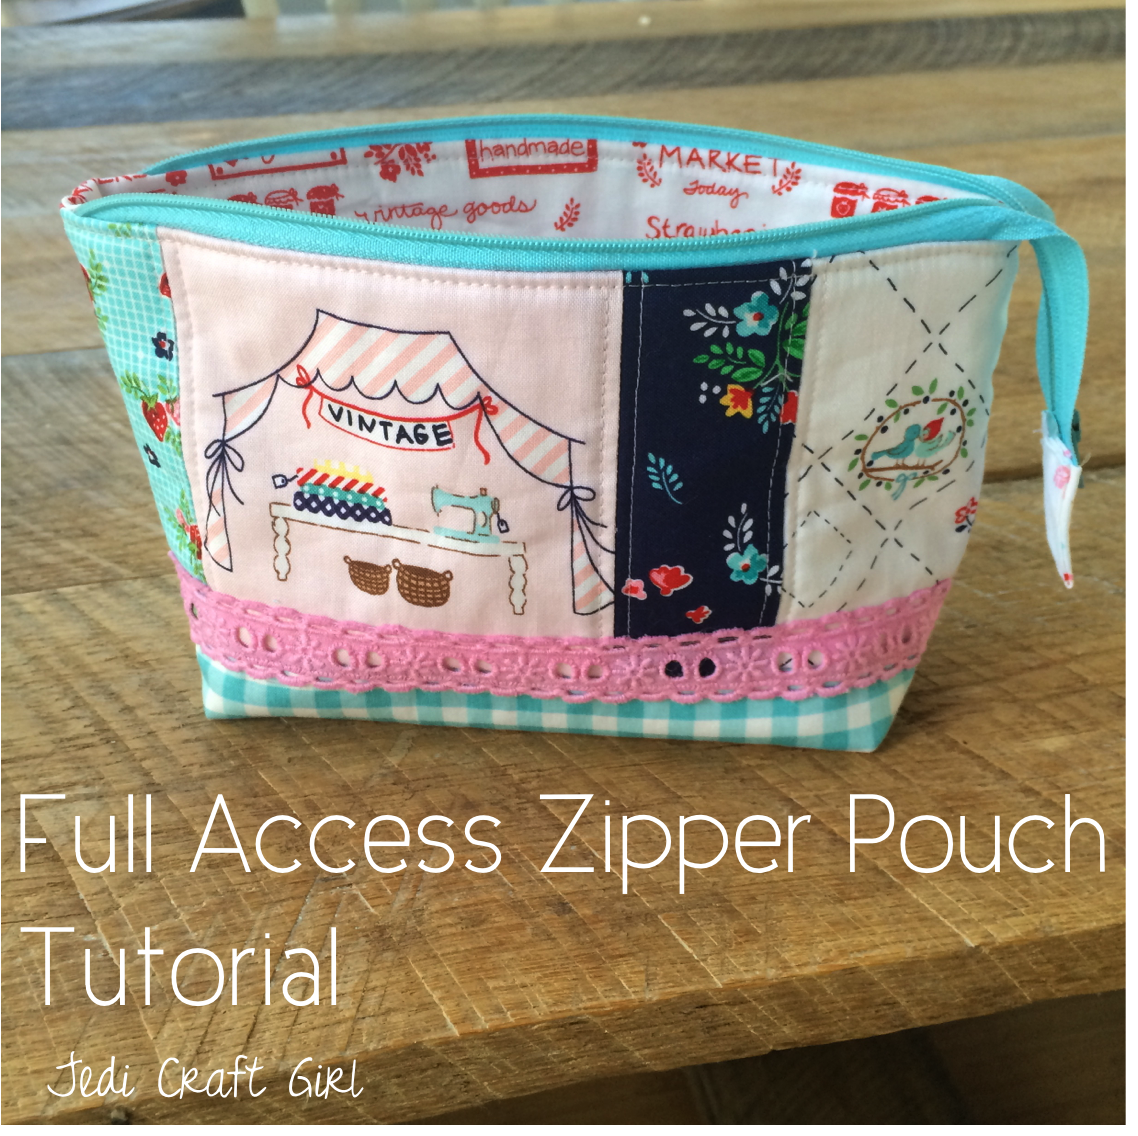 Full Access Zipper Pouch Tutorial Zipper Pouch Tutorial Pouch Tutorial Zipper Bags